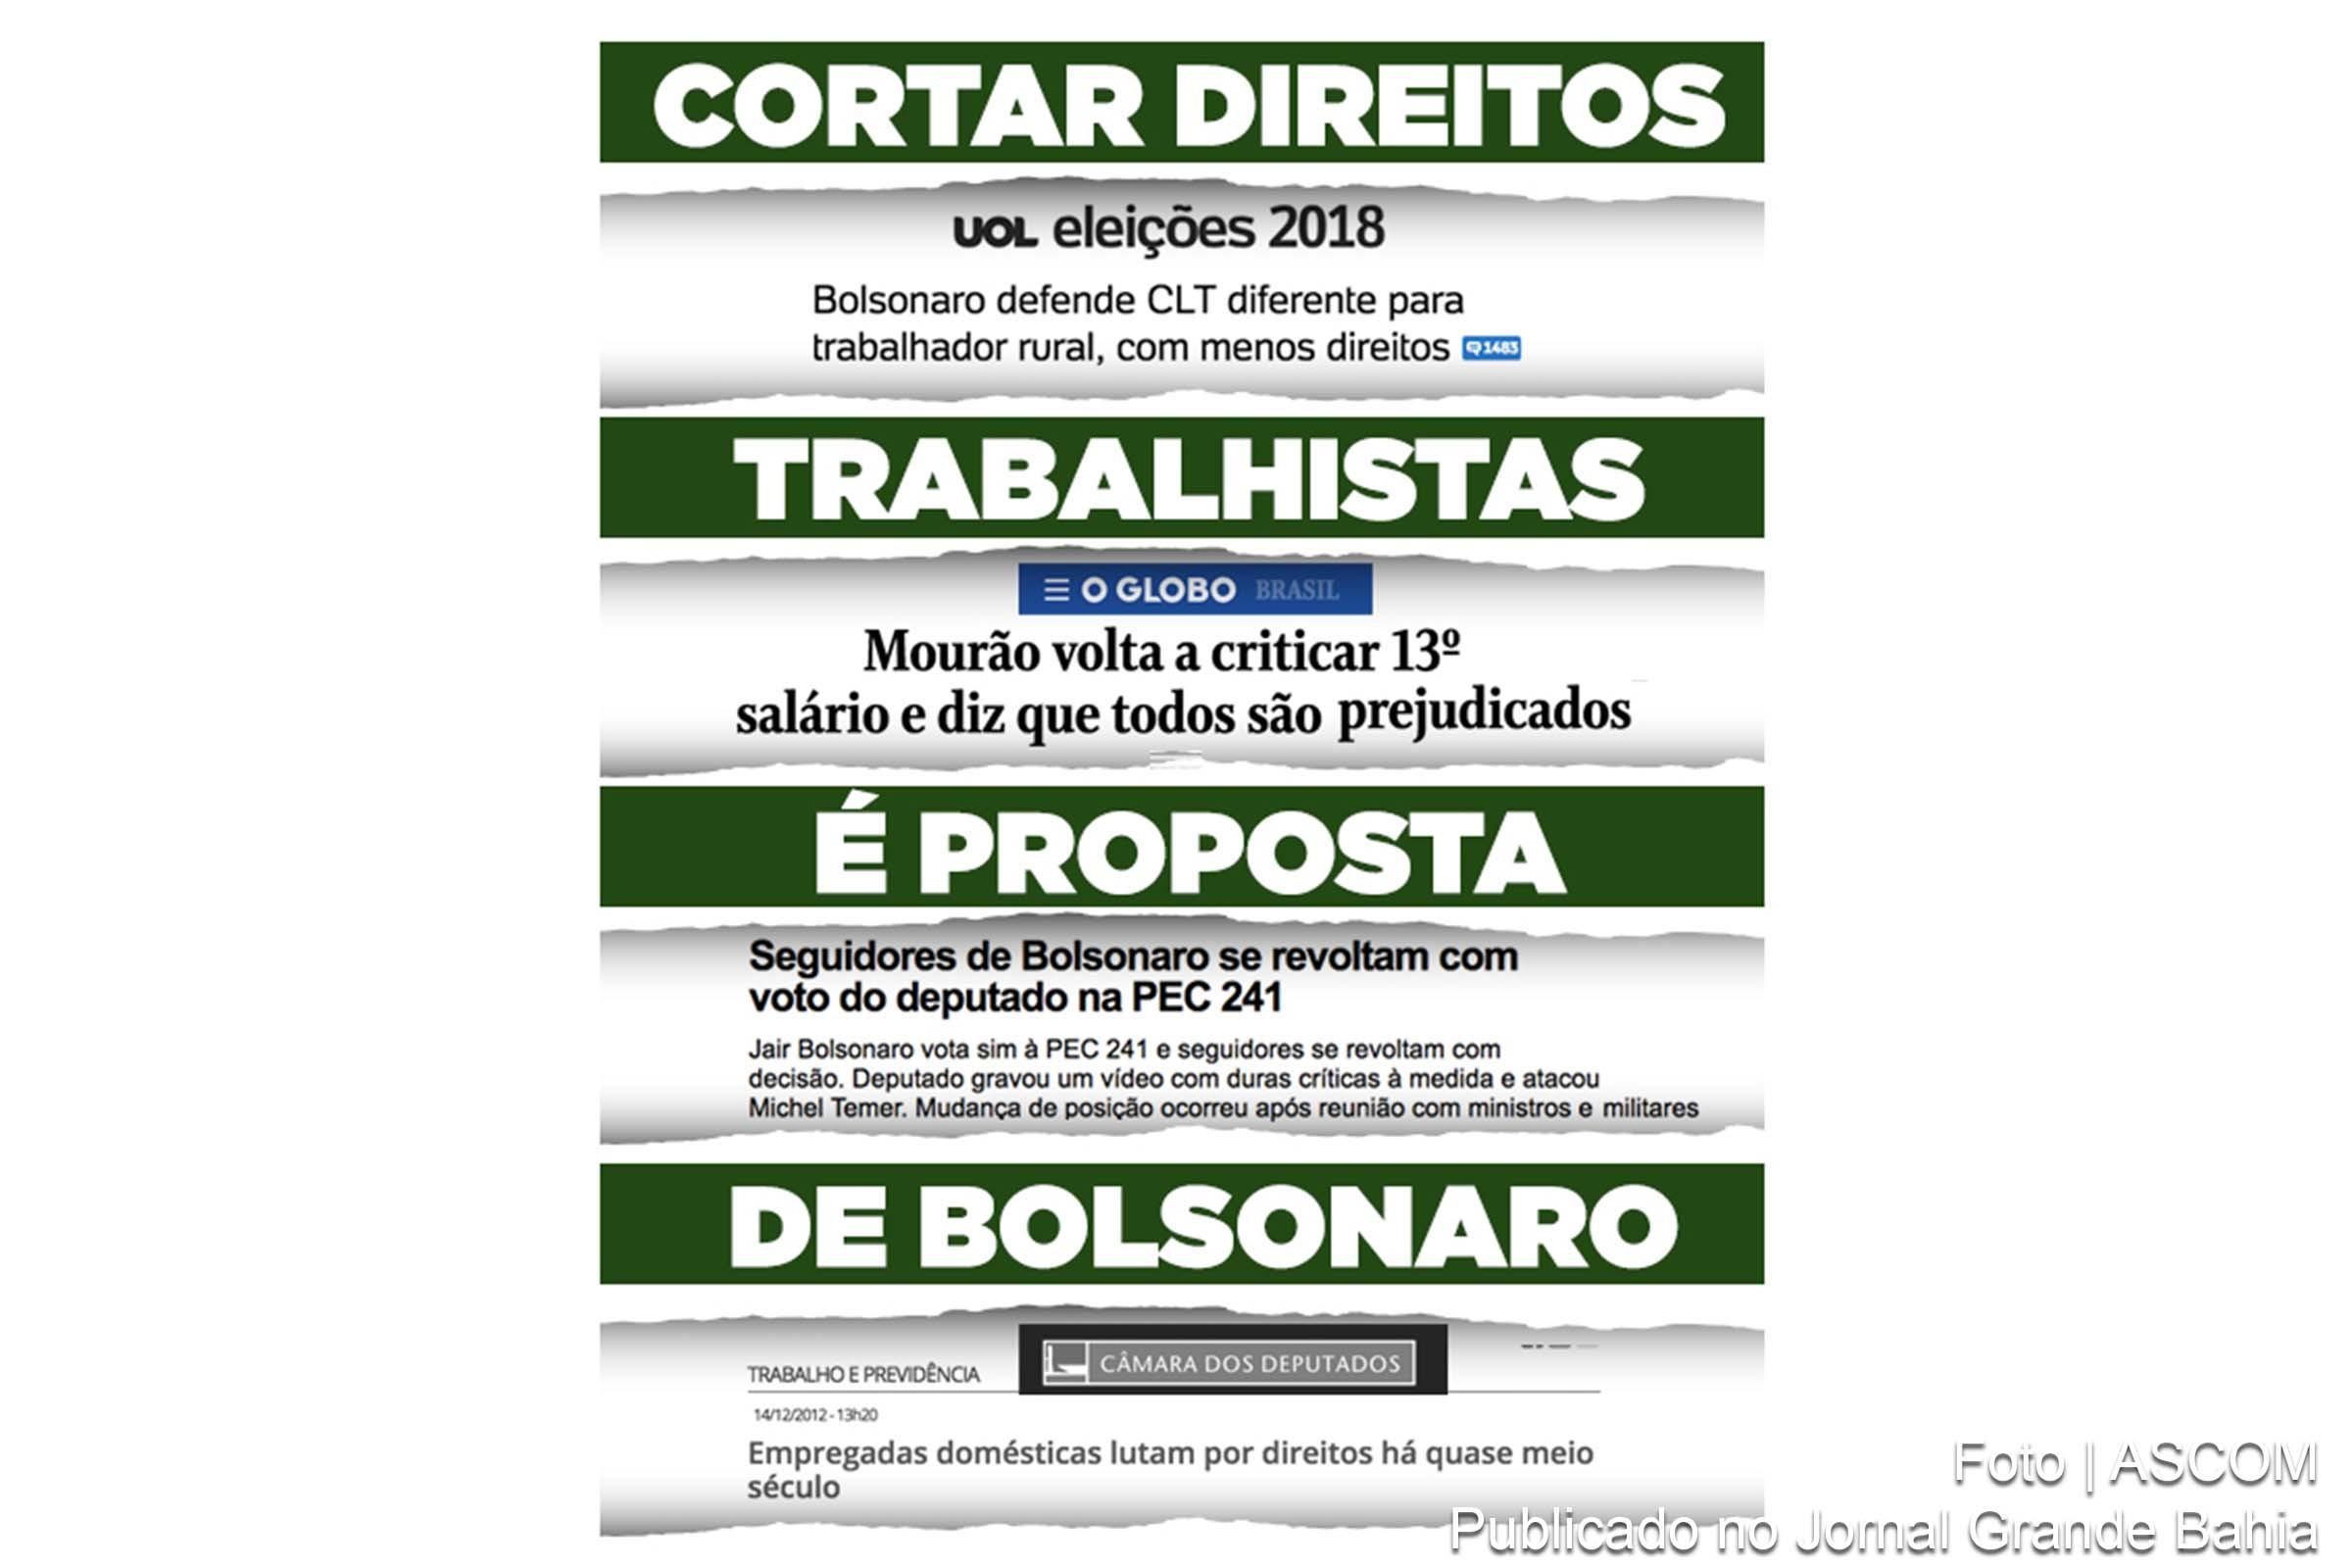 Candidato  presidente da Repºblica Jair Bolsonaro PSL RJ apresenta pauta recessiva na economia redu§£o de direitos trabalhista